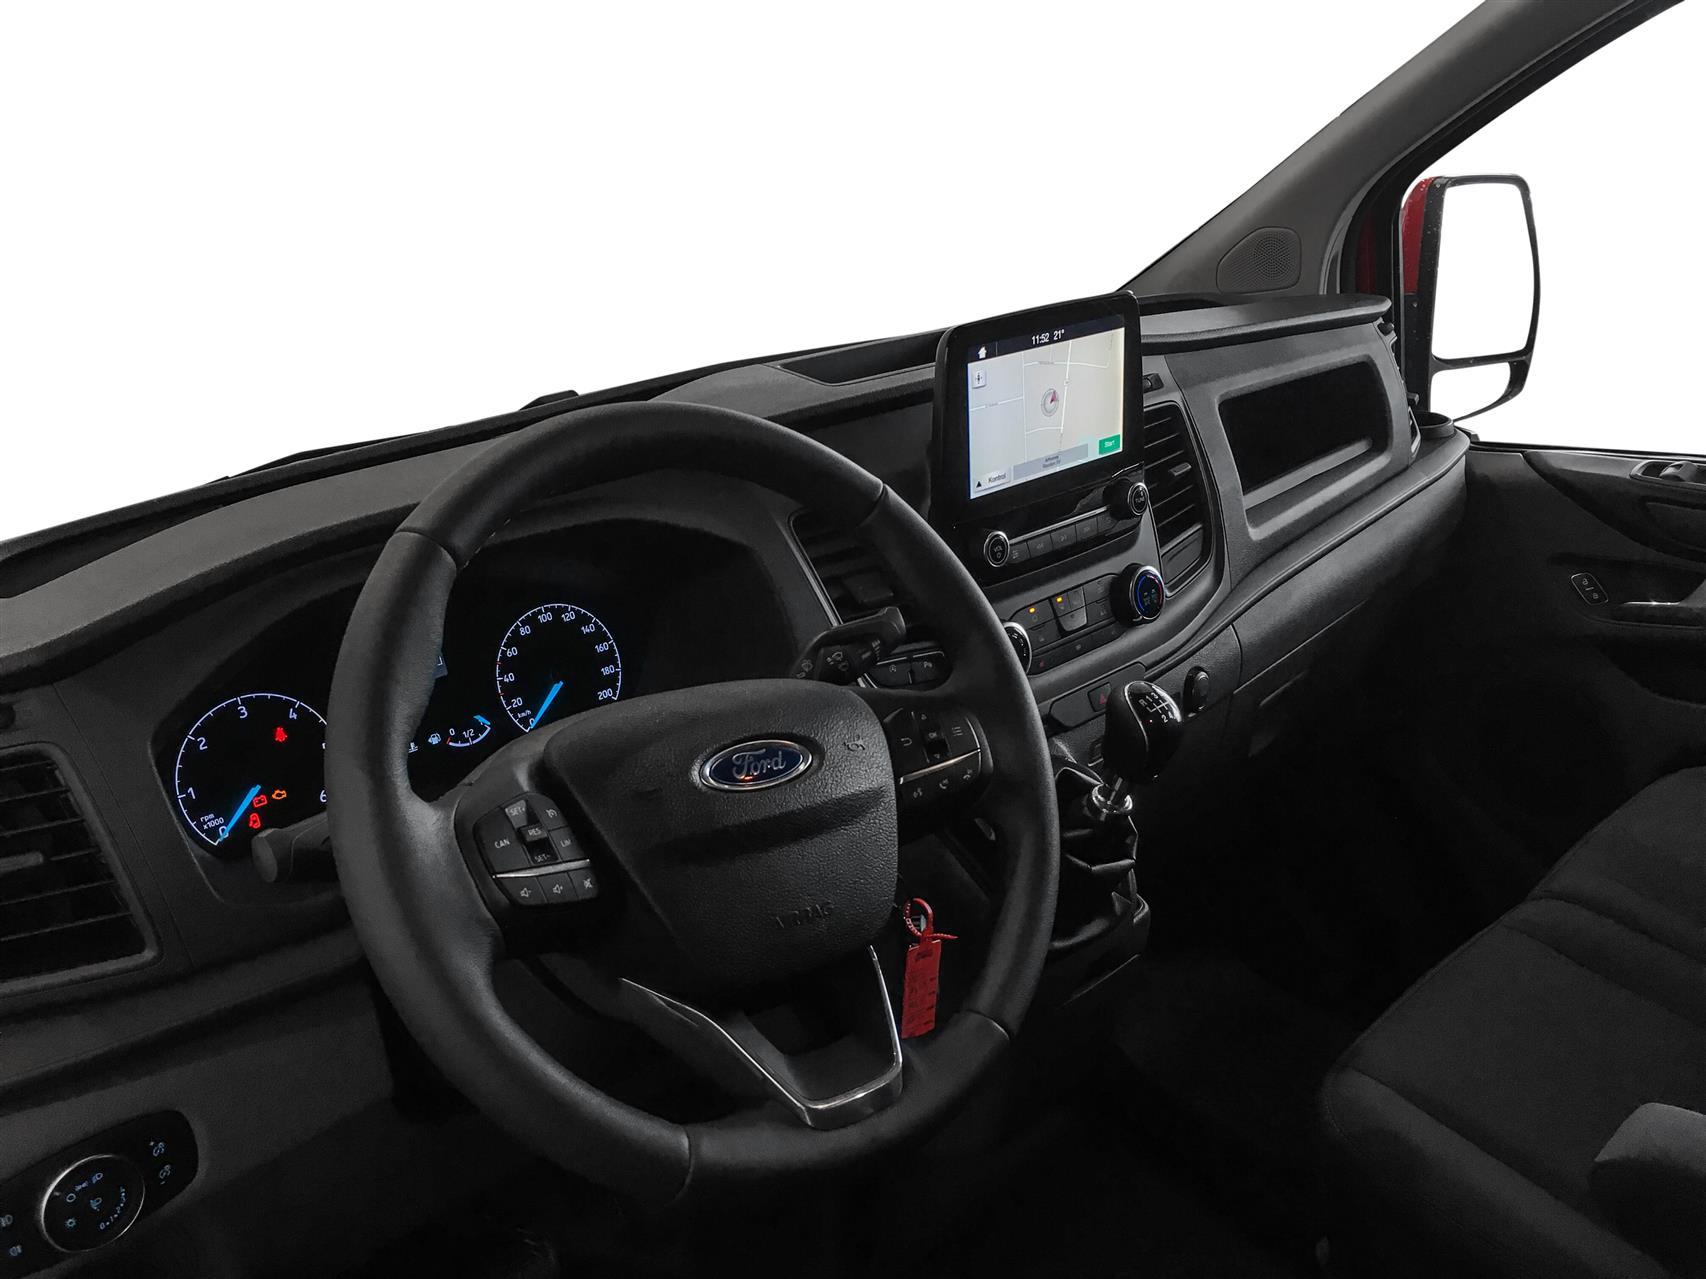 Billede af Ford Transit Custom 320 L1H1 2,0 TDCi Trend 170HK Van 6g